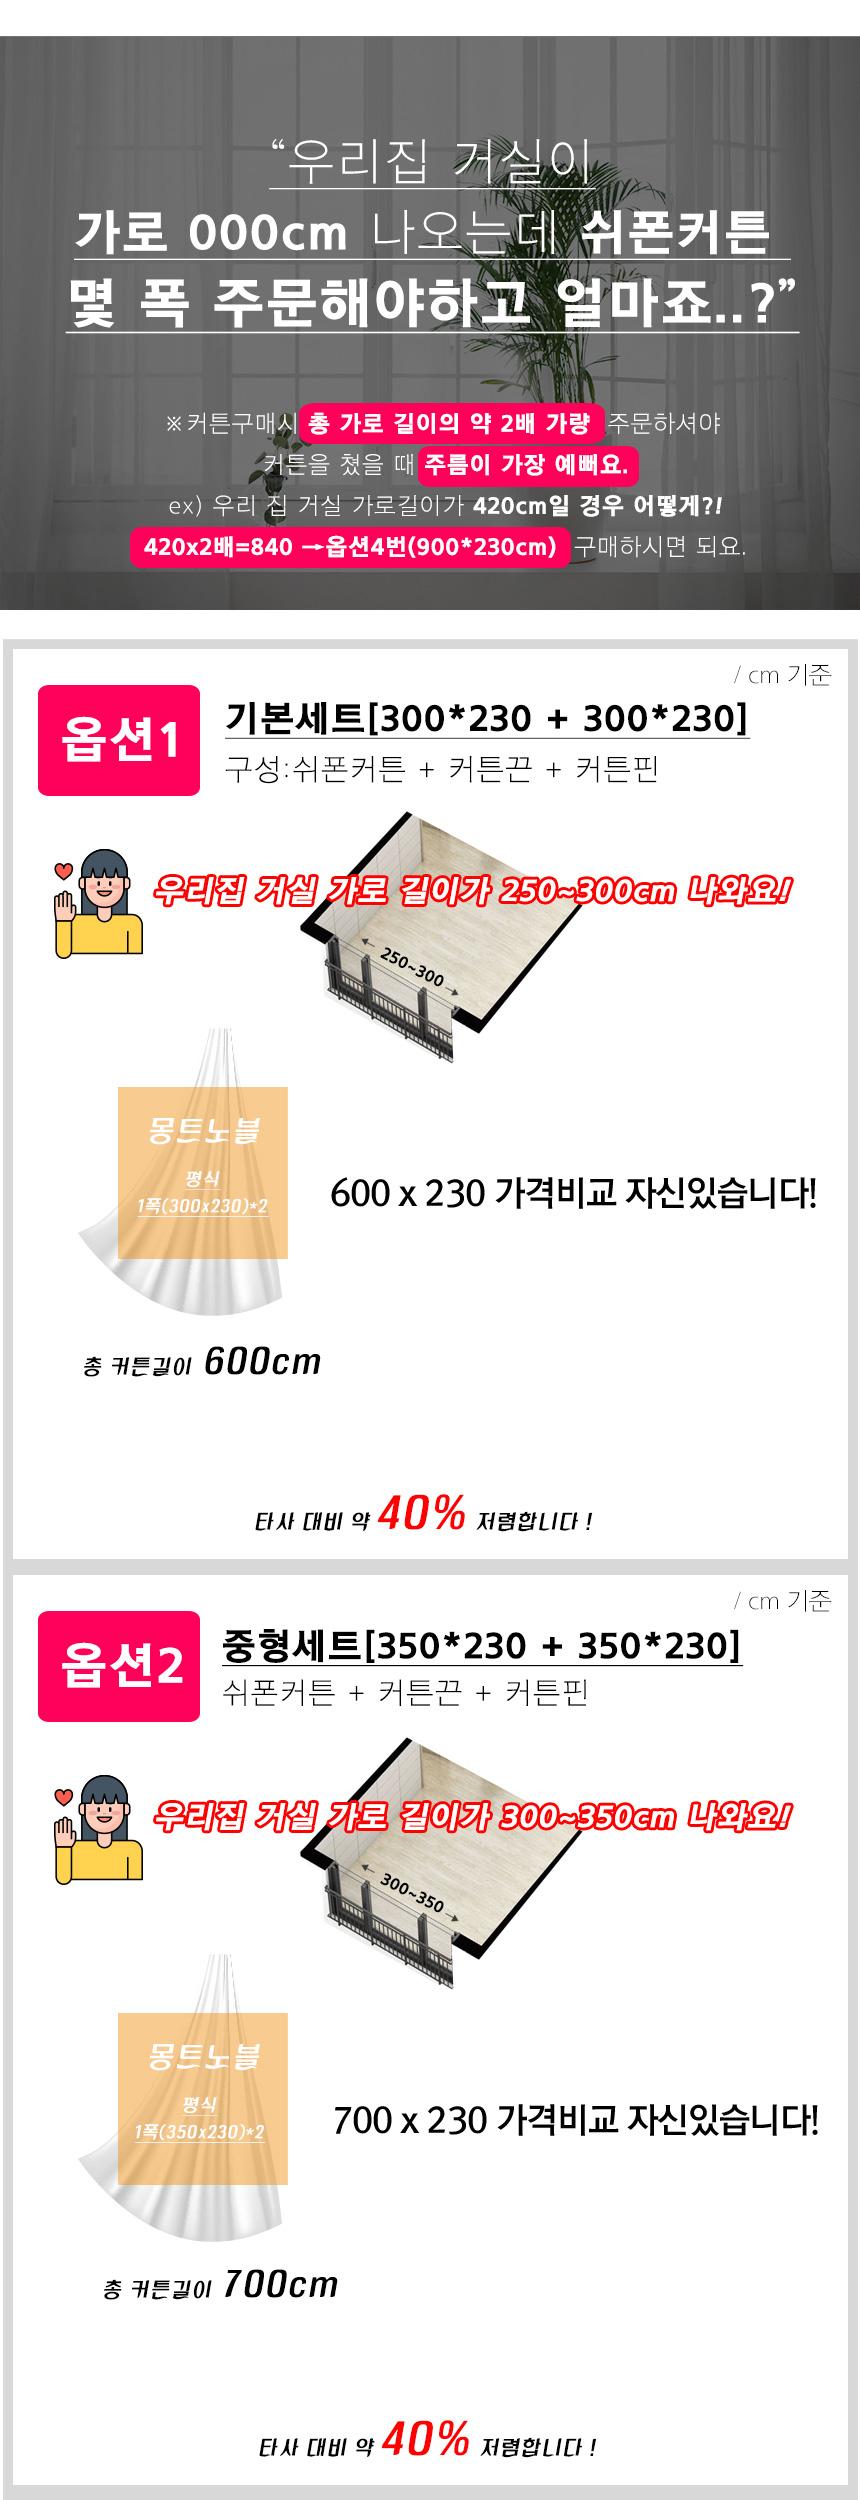 4장 사이즈 실속형 쉬폰 커튼 거실 속지 레이스 커튼 - 몽트노블, 61,490원, 일반커튼, 레이스/속커튼